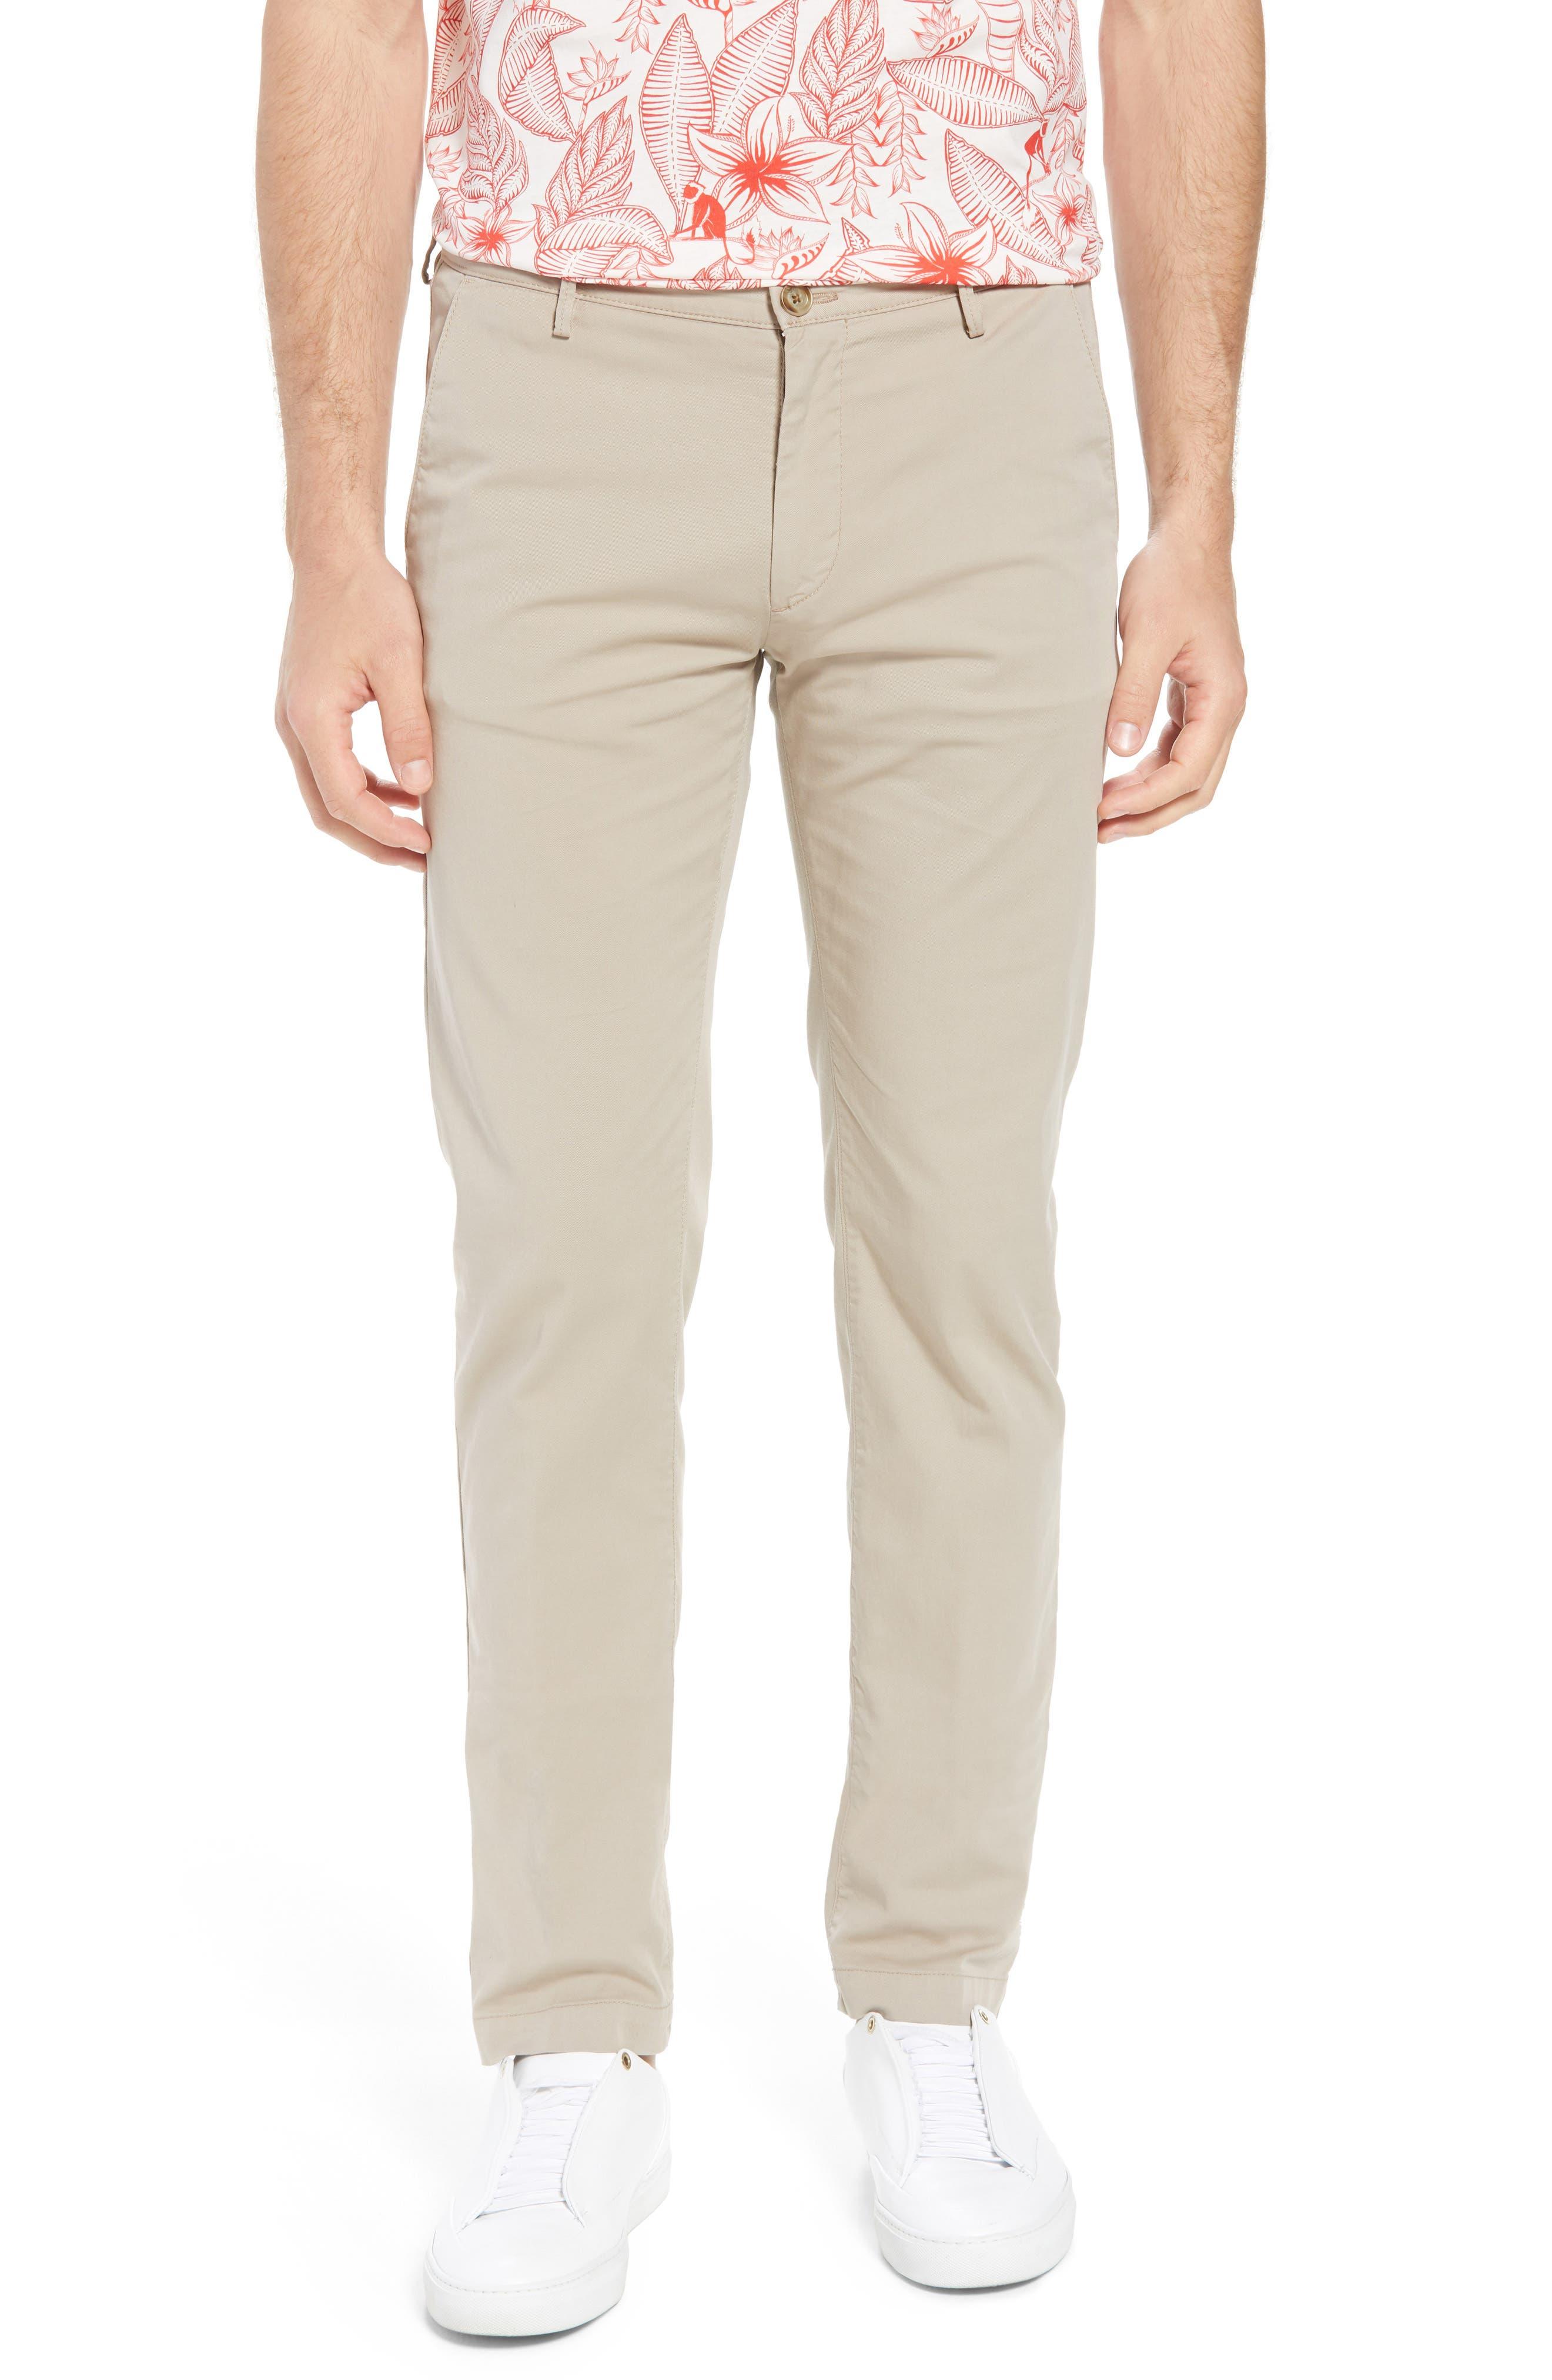 Rice Slim Fit Chino Pants,                             Main thumbnail 1, color,                             200